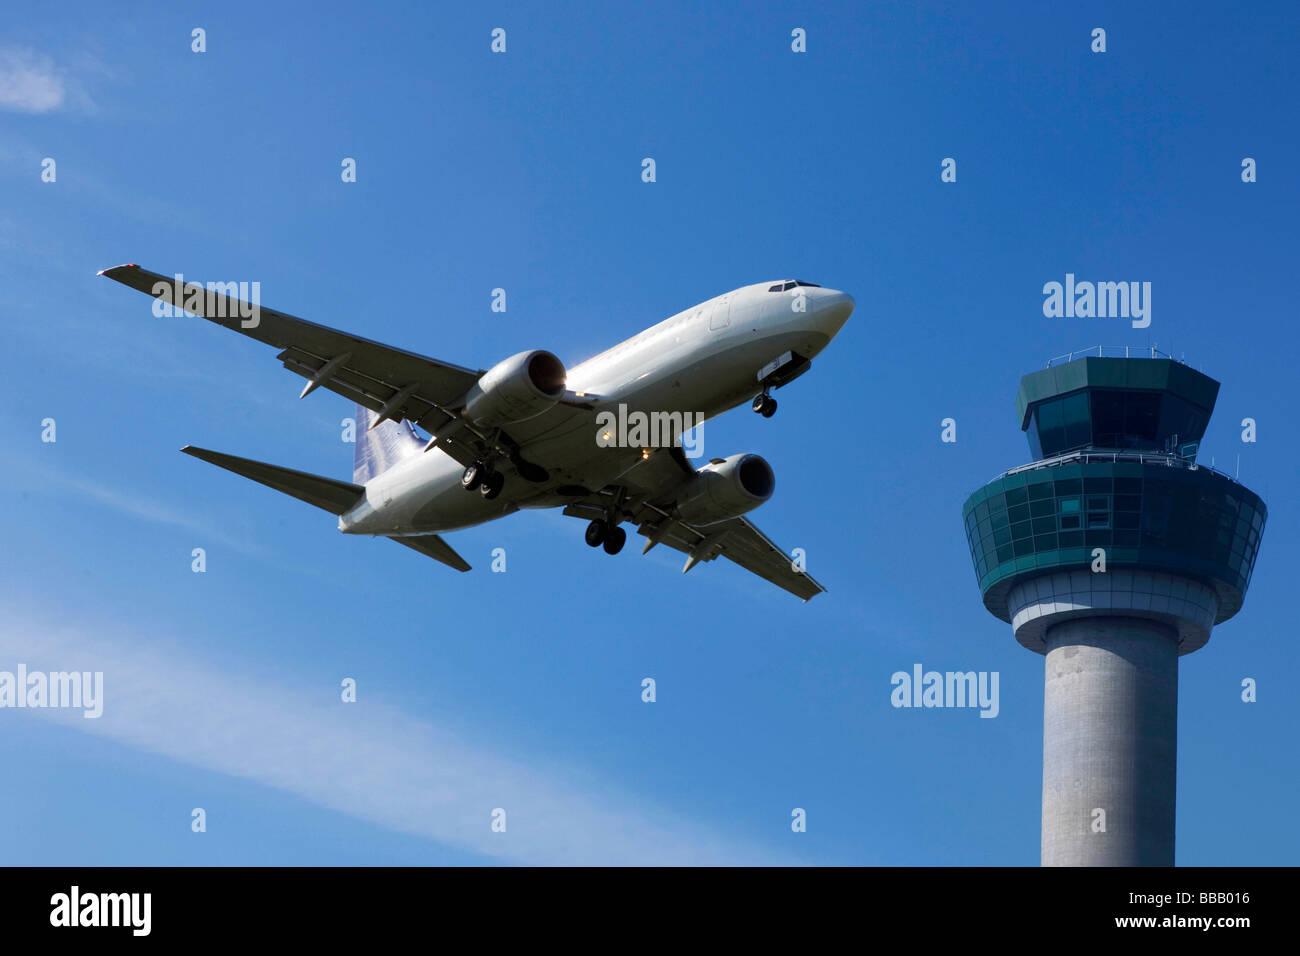 Vuelo de avión pasado la torre de control Foto de stock